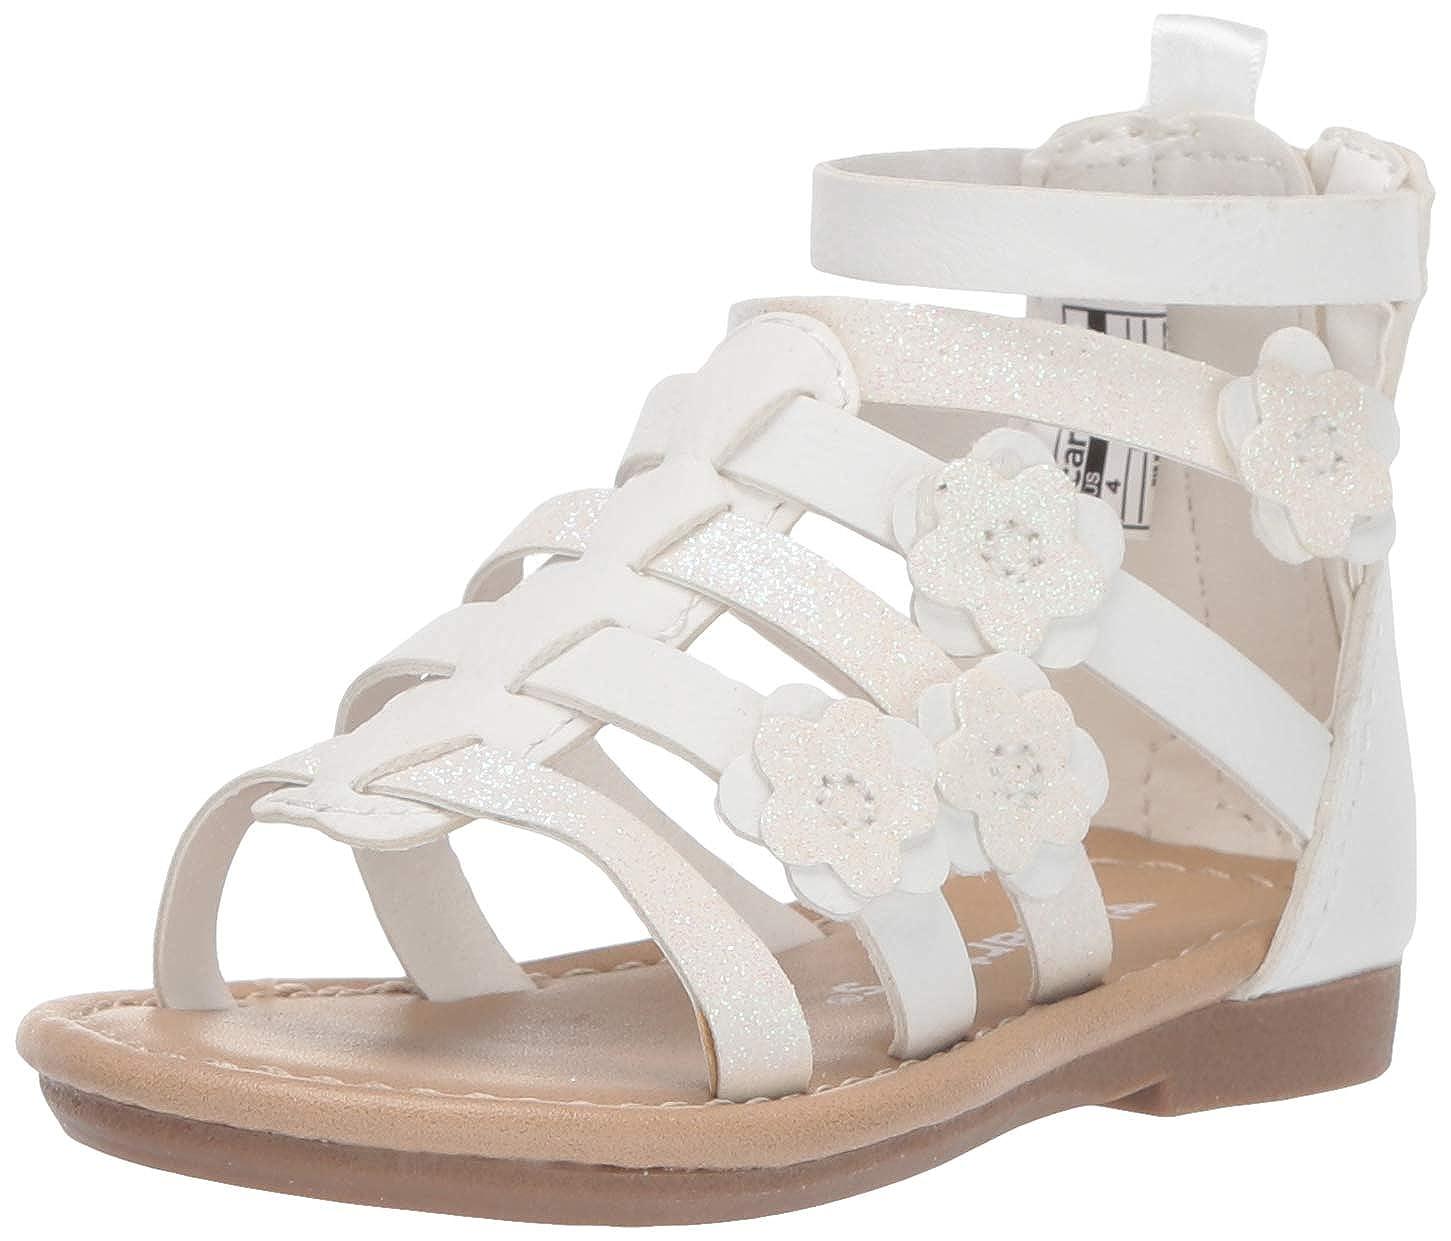 e7f9e2b6cbc74 Carter's Girl's Flossie Flower Gladiator Sandal